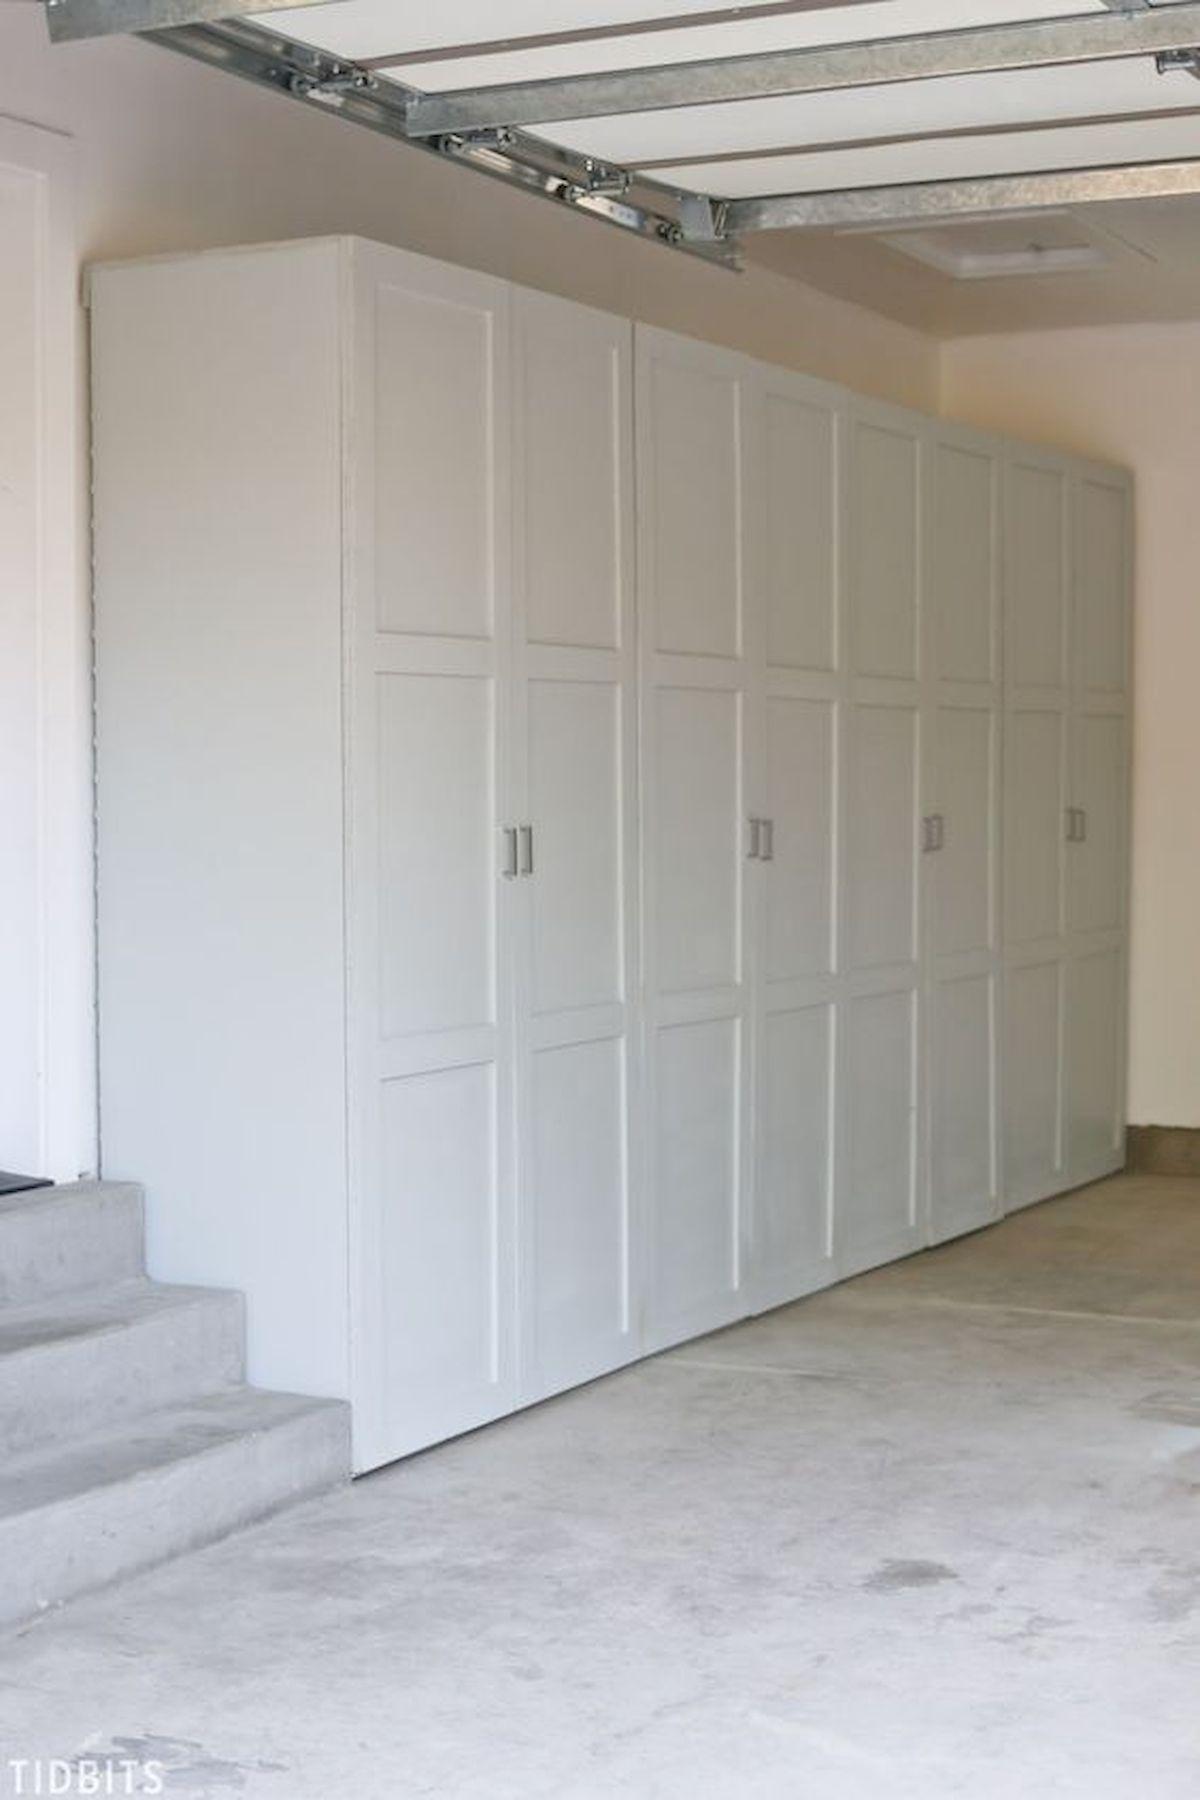 20 Best Garage Storage Ideas In 2020 Garage Storage Cabinets Garage Shelving Garage Storage Organization